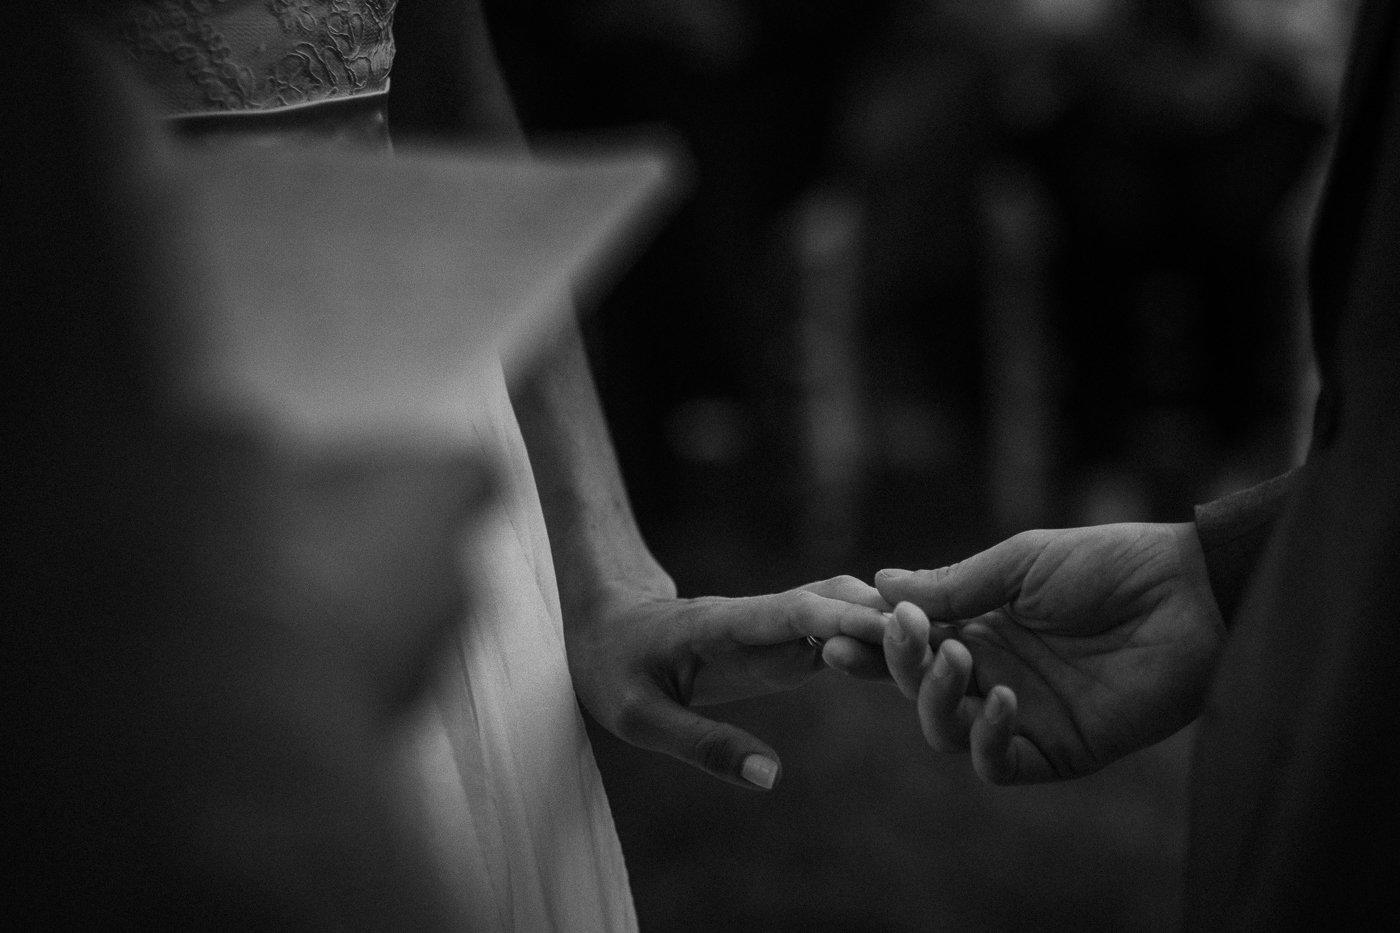 tenuta-di-bichi-borghesi-wedding-30.jpg